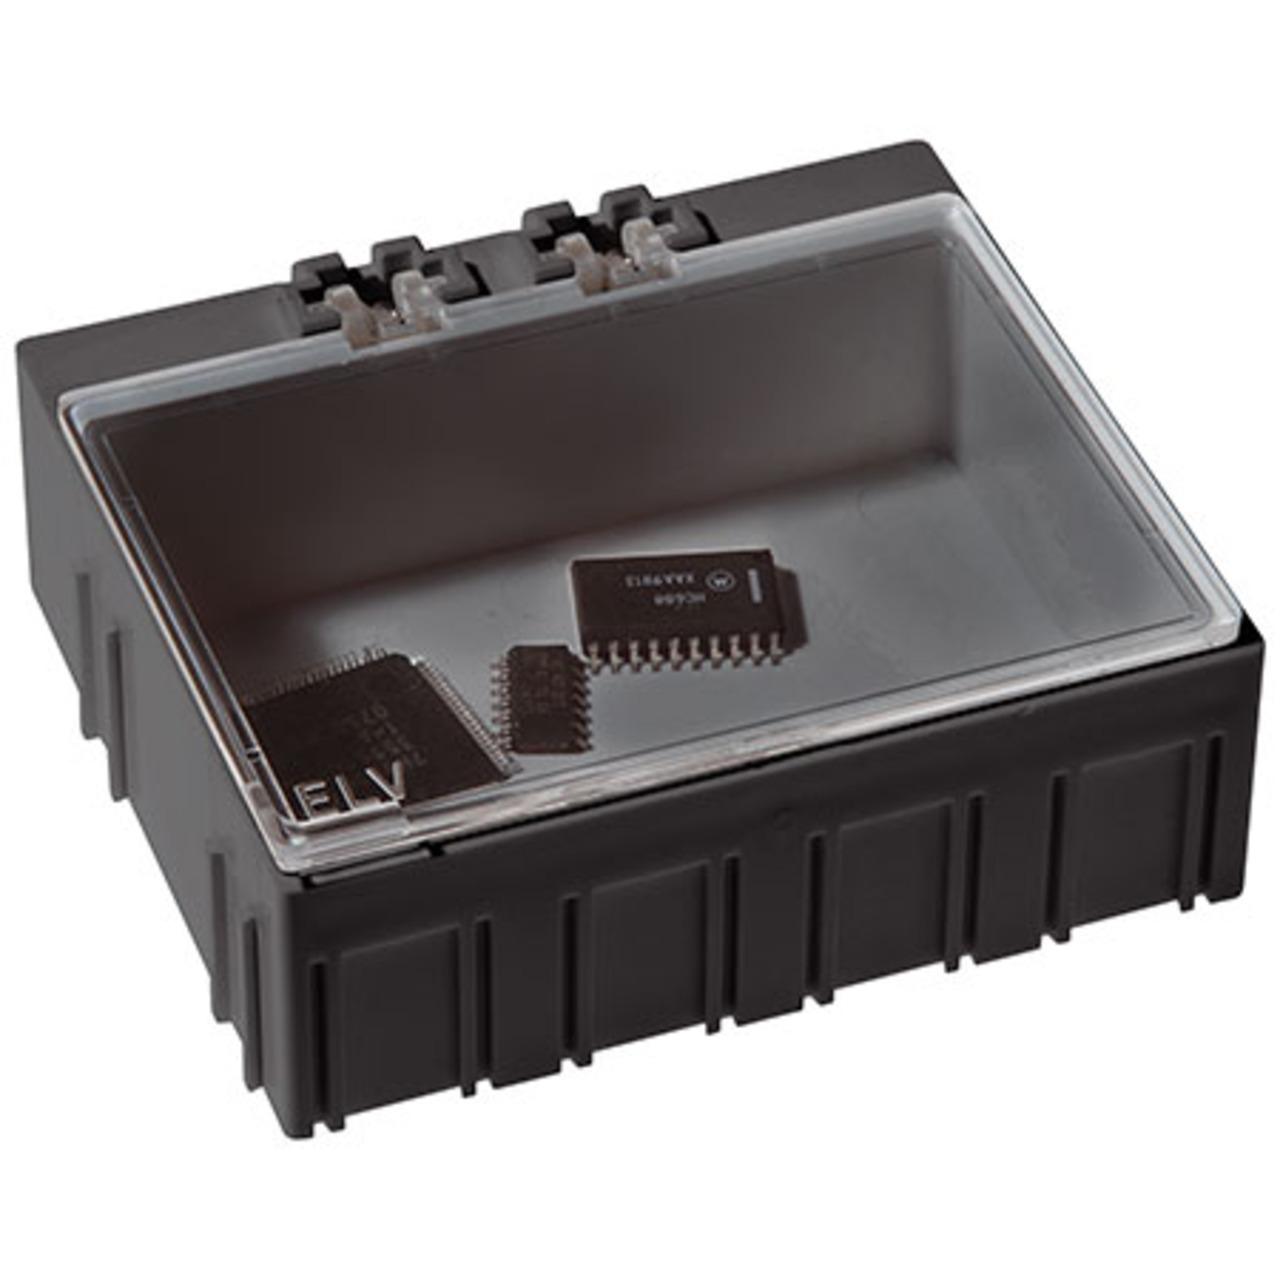 Image of 10er-Set ELV SMD-Sortierbox, Antistatik, 23 x 62 x 54 mm